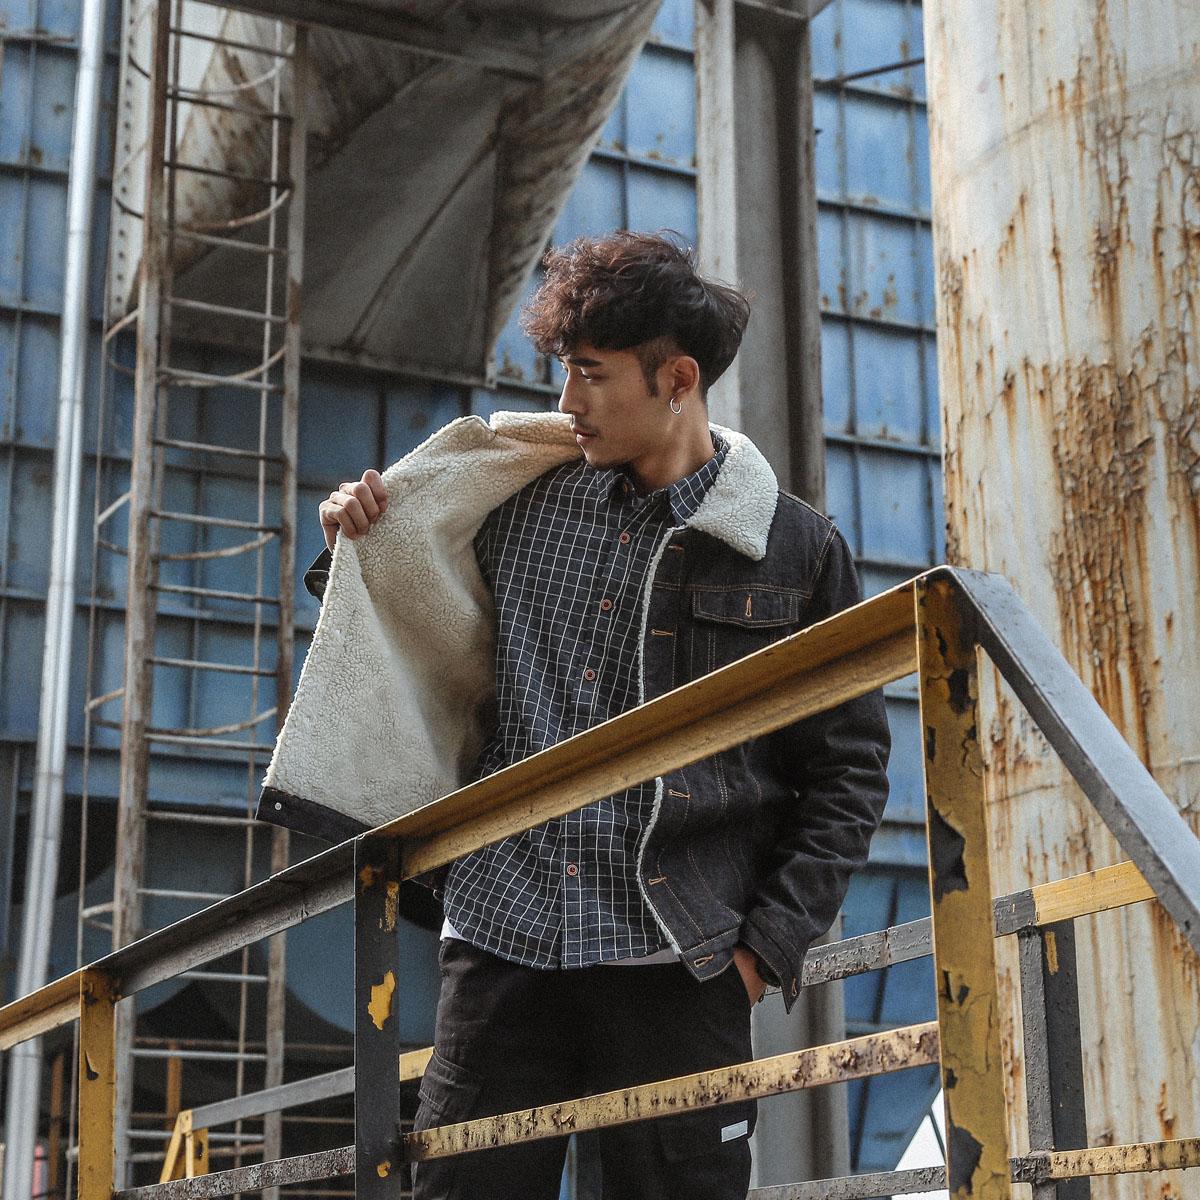 羊羔毛牛仔外套欧美日系男棉服冬季工装潮毛领加绒加厚棉衣外套